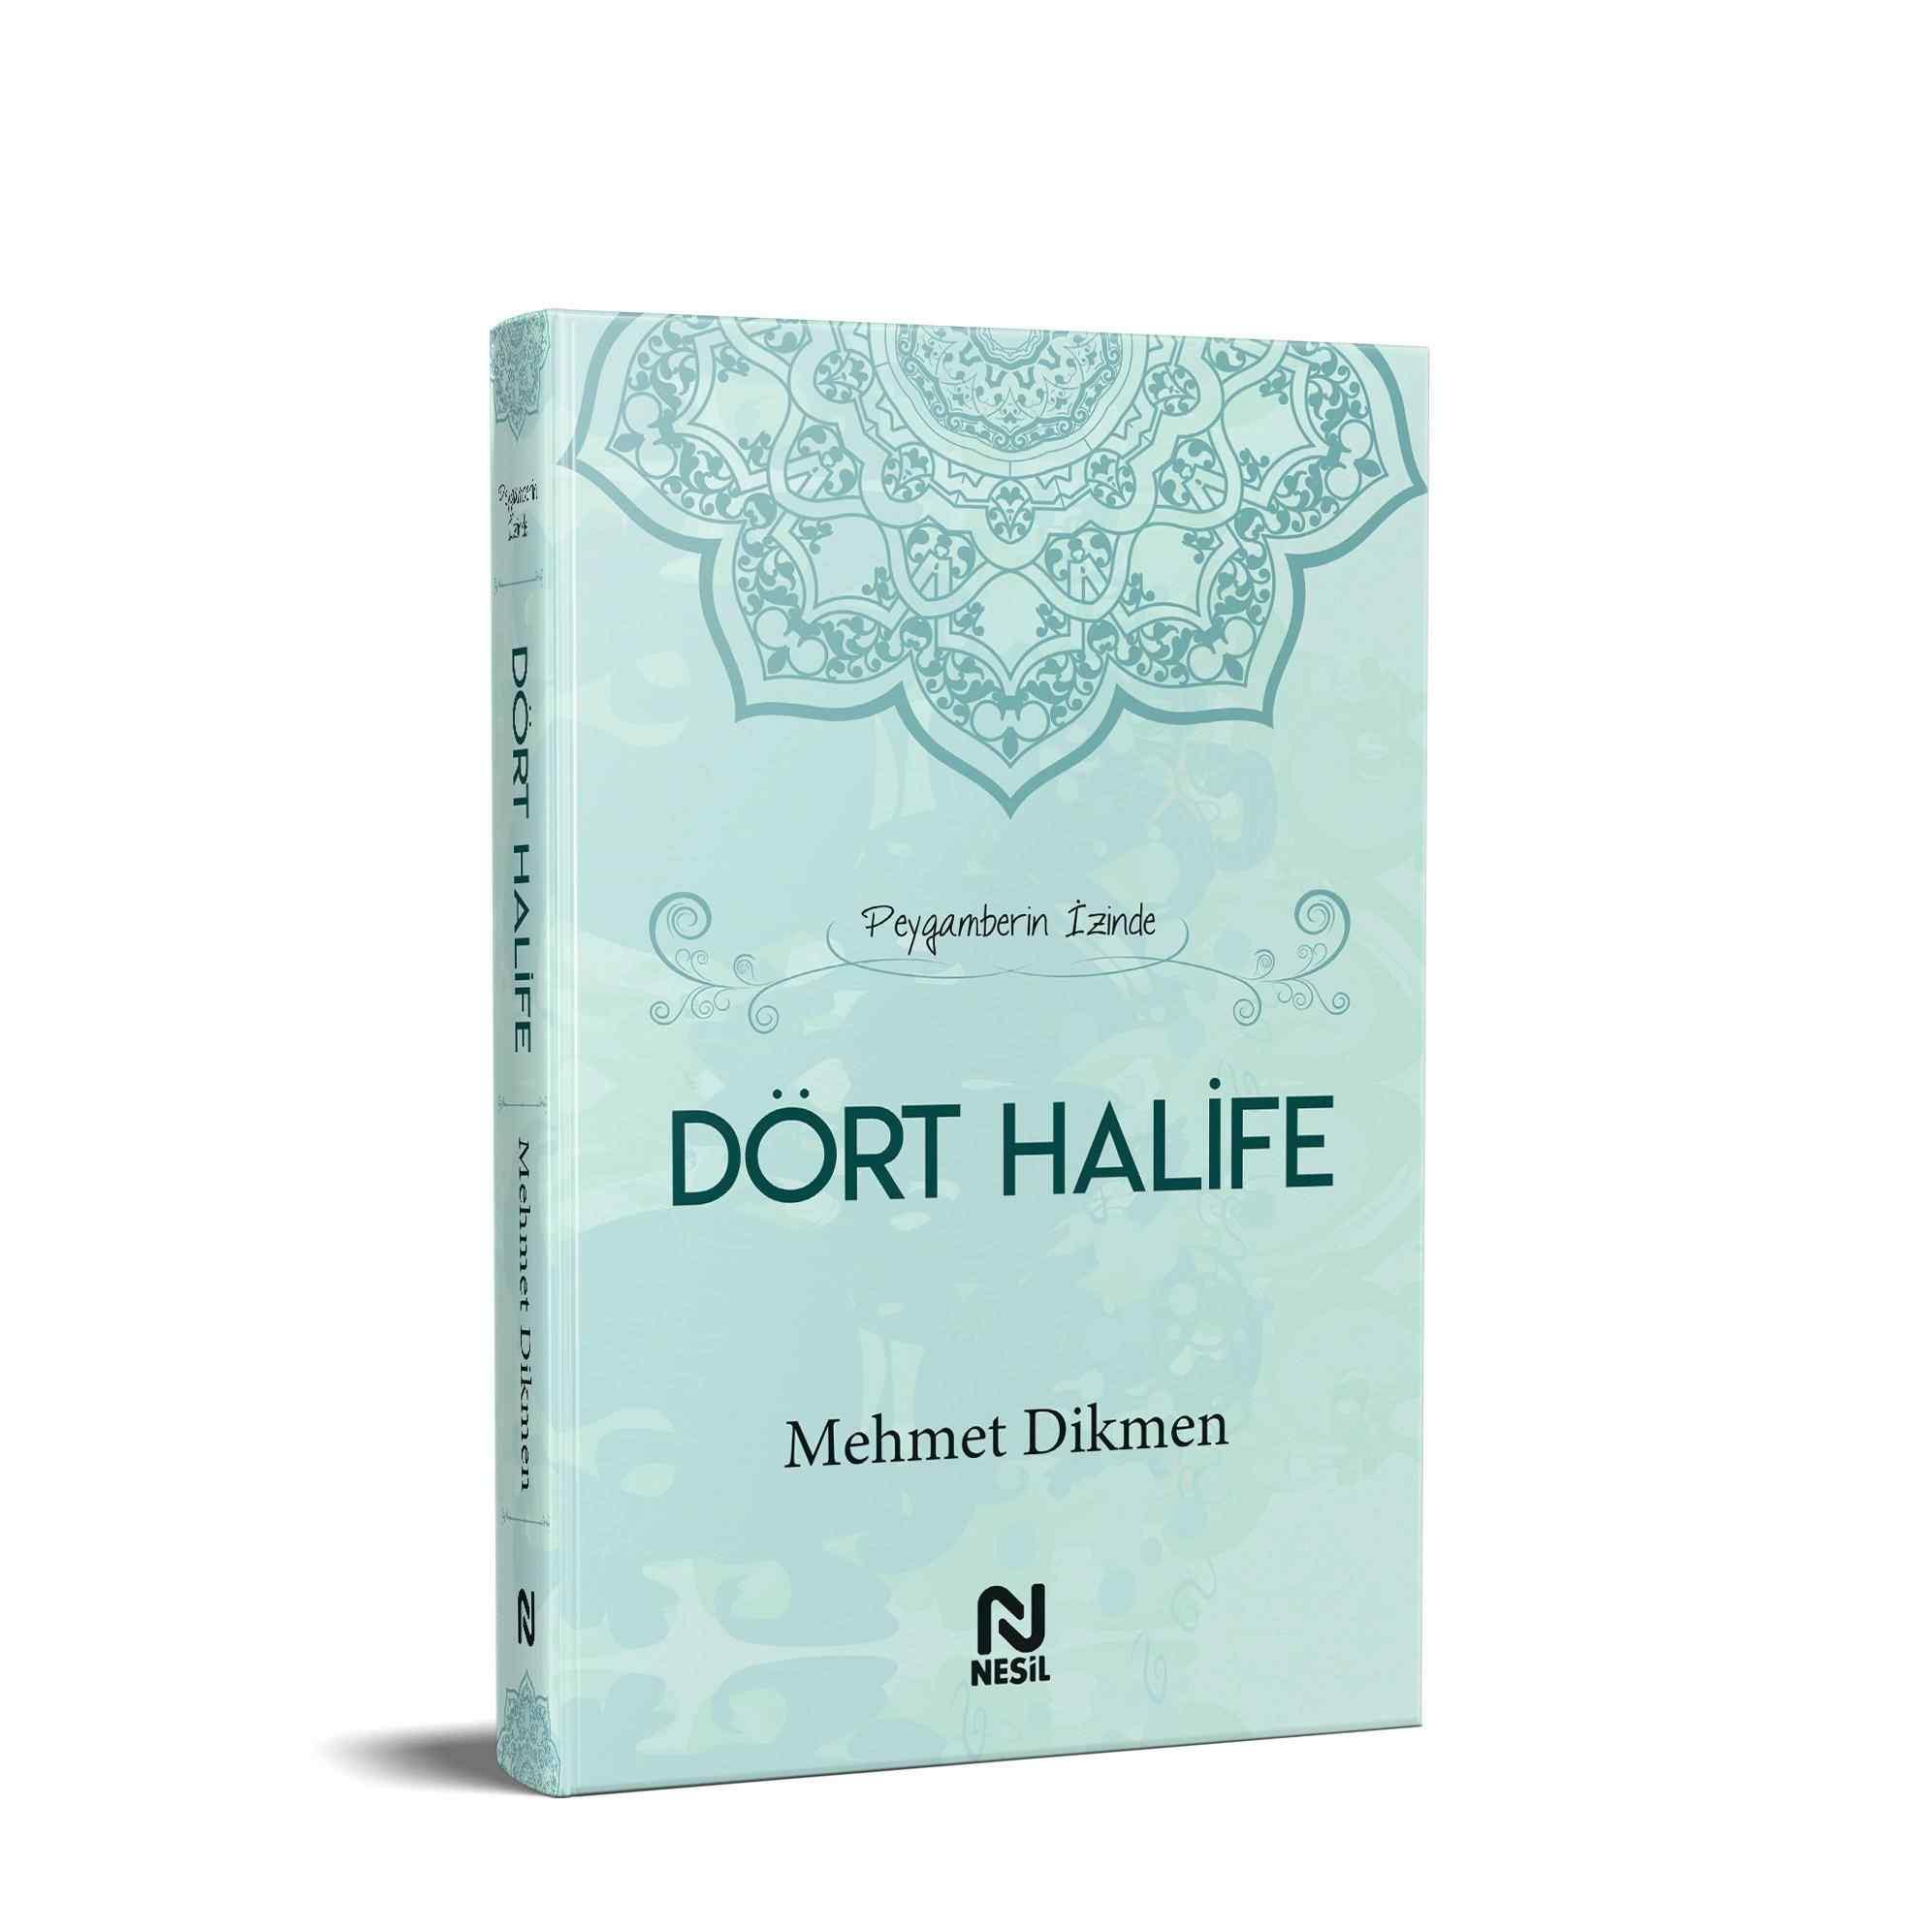 Peygamberimizin İzinde Dört Halife / Mehmet Dikmen